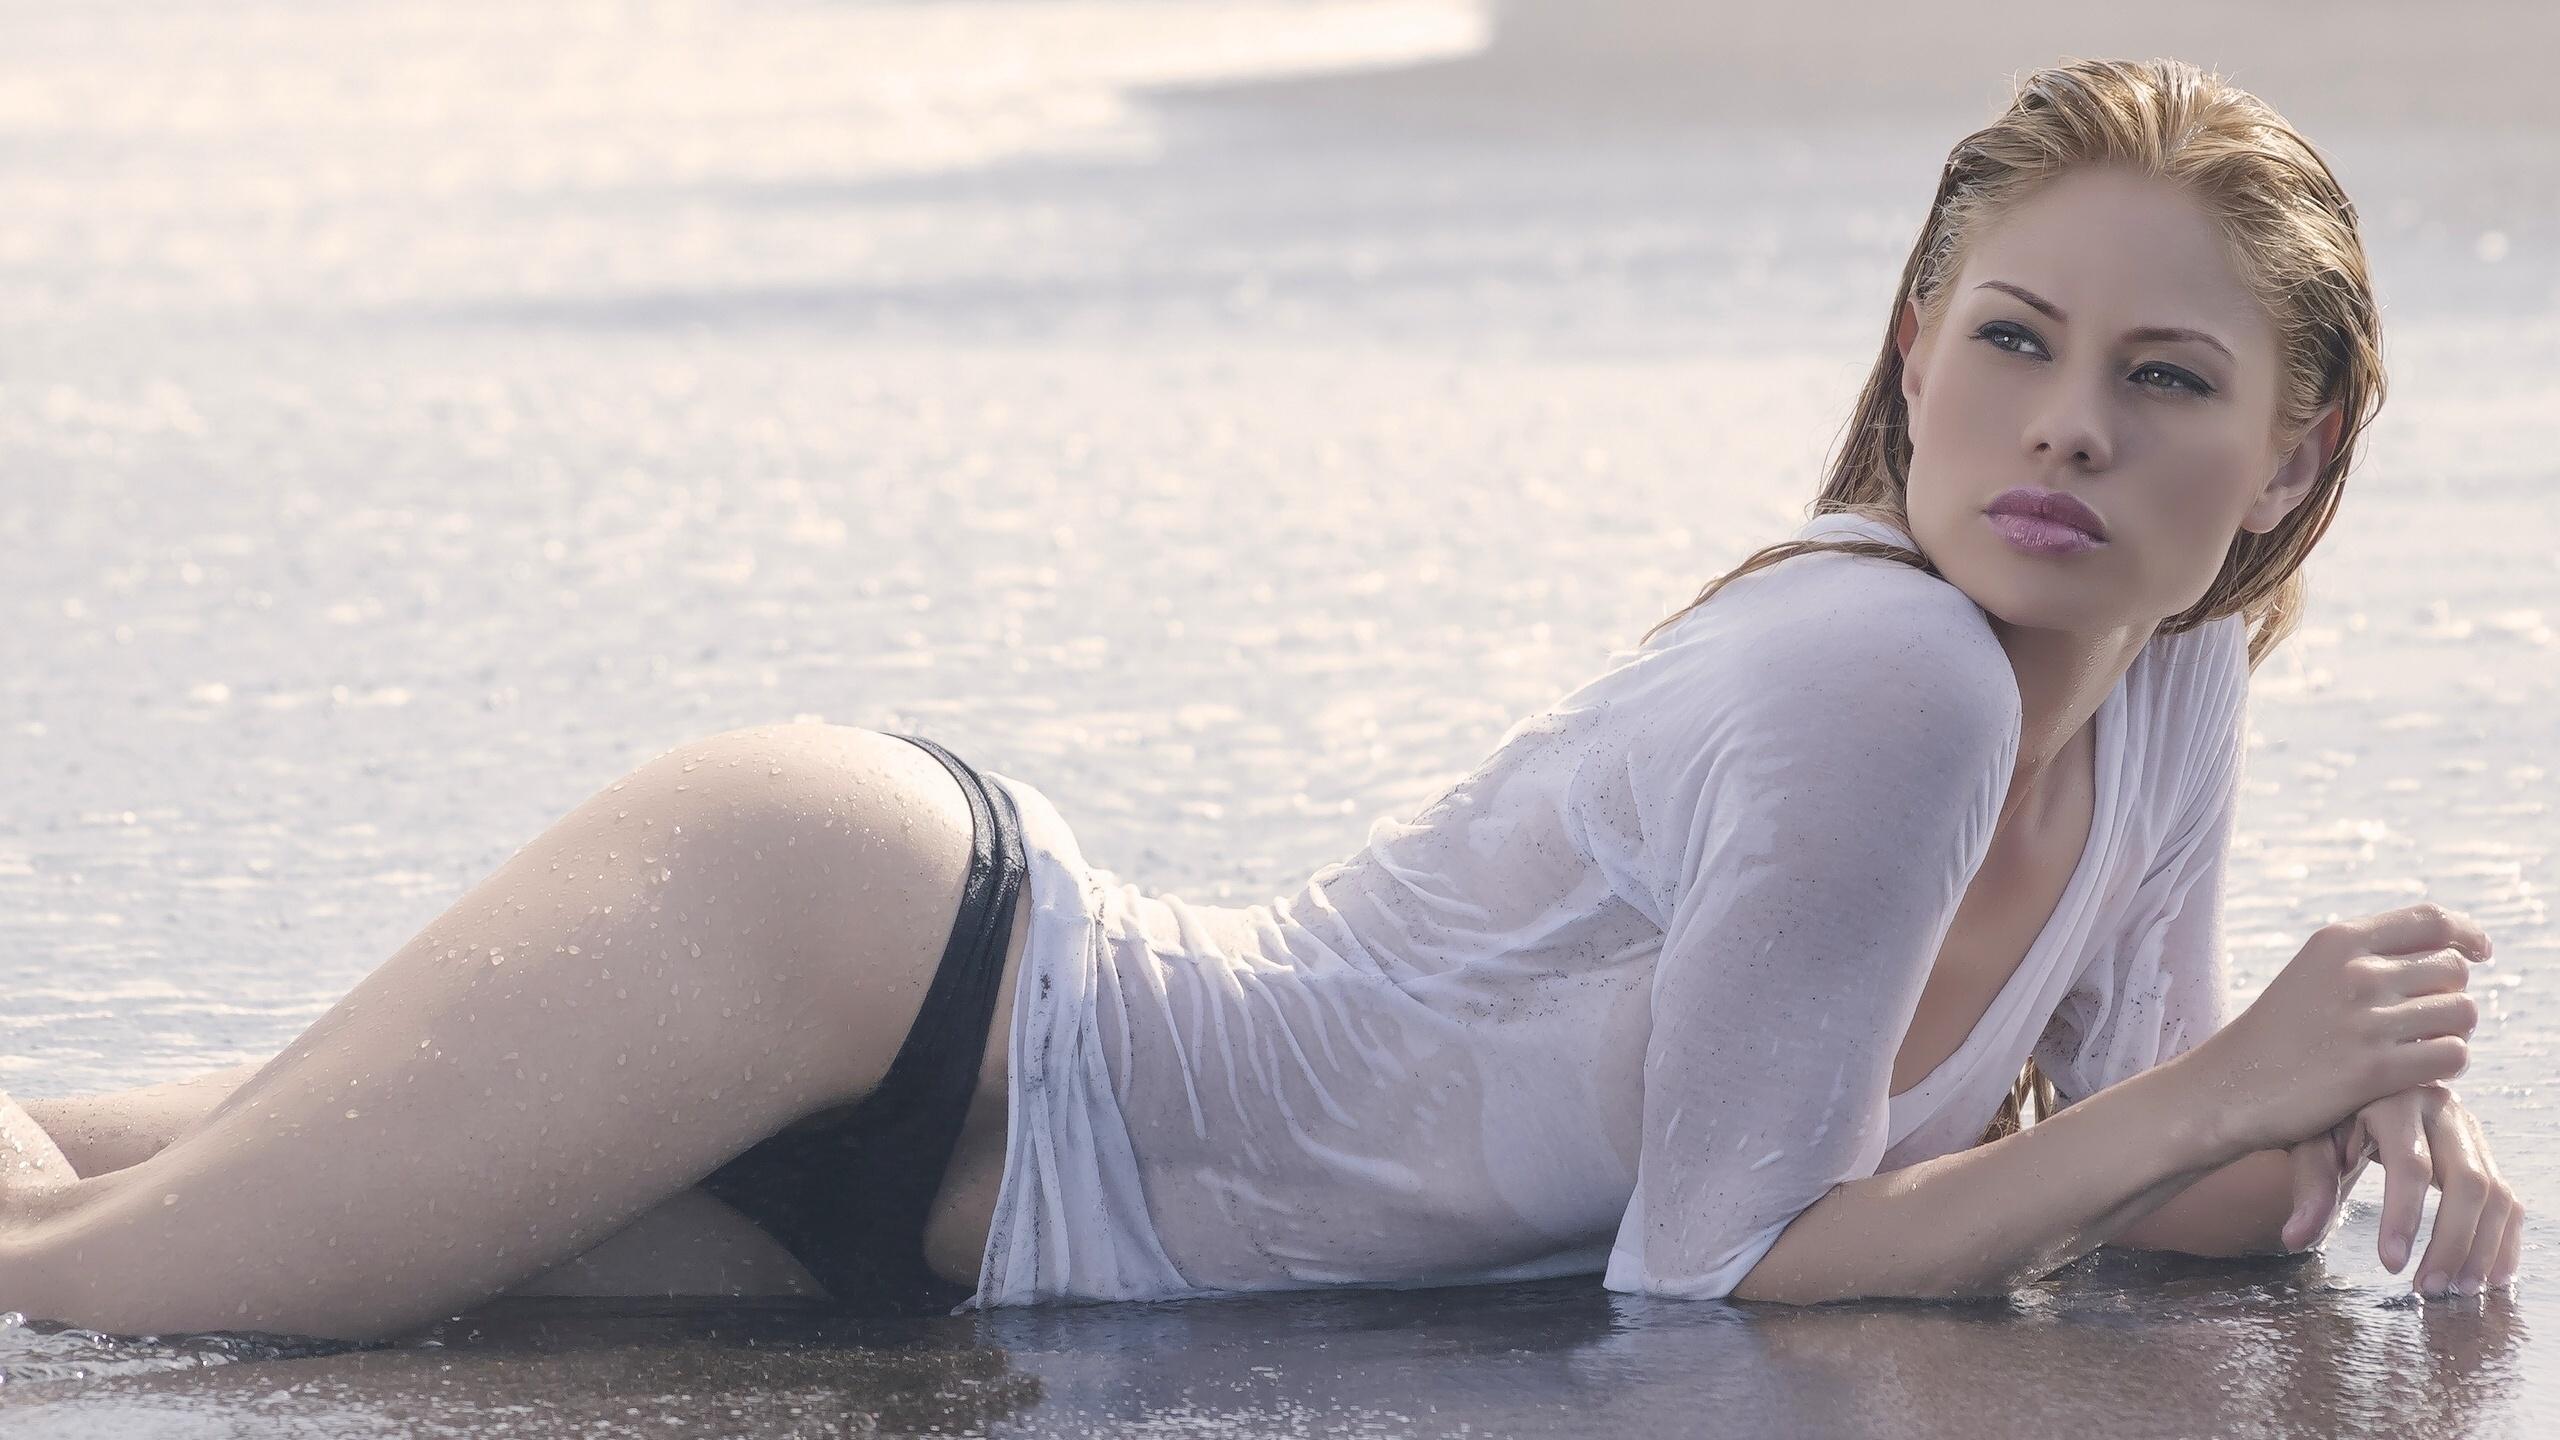 Чулках онлайн мокрые девушки на пляже фильм